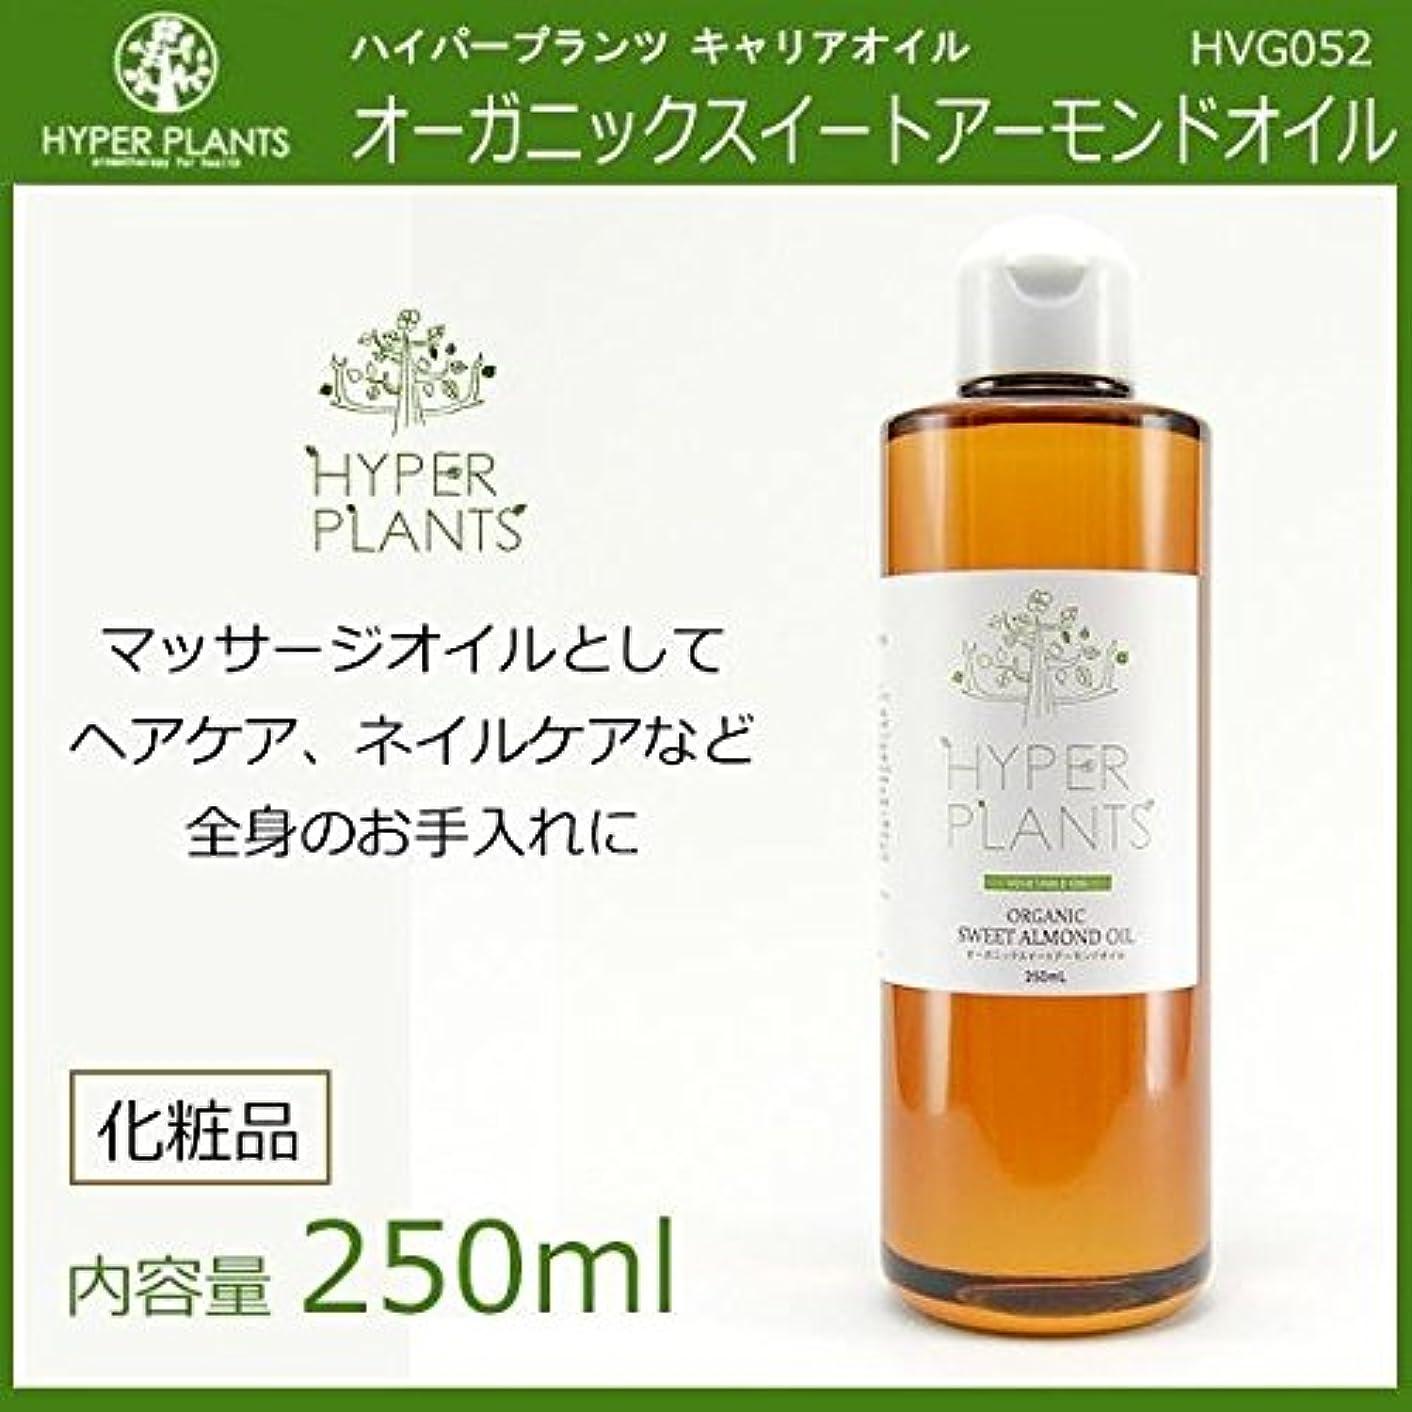 アレルギー性尊厳四HYPER PLANTS ハイパープランツ キャリアオイル オーガニックスイートアーモンドオイル 250ml HVG052